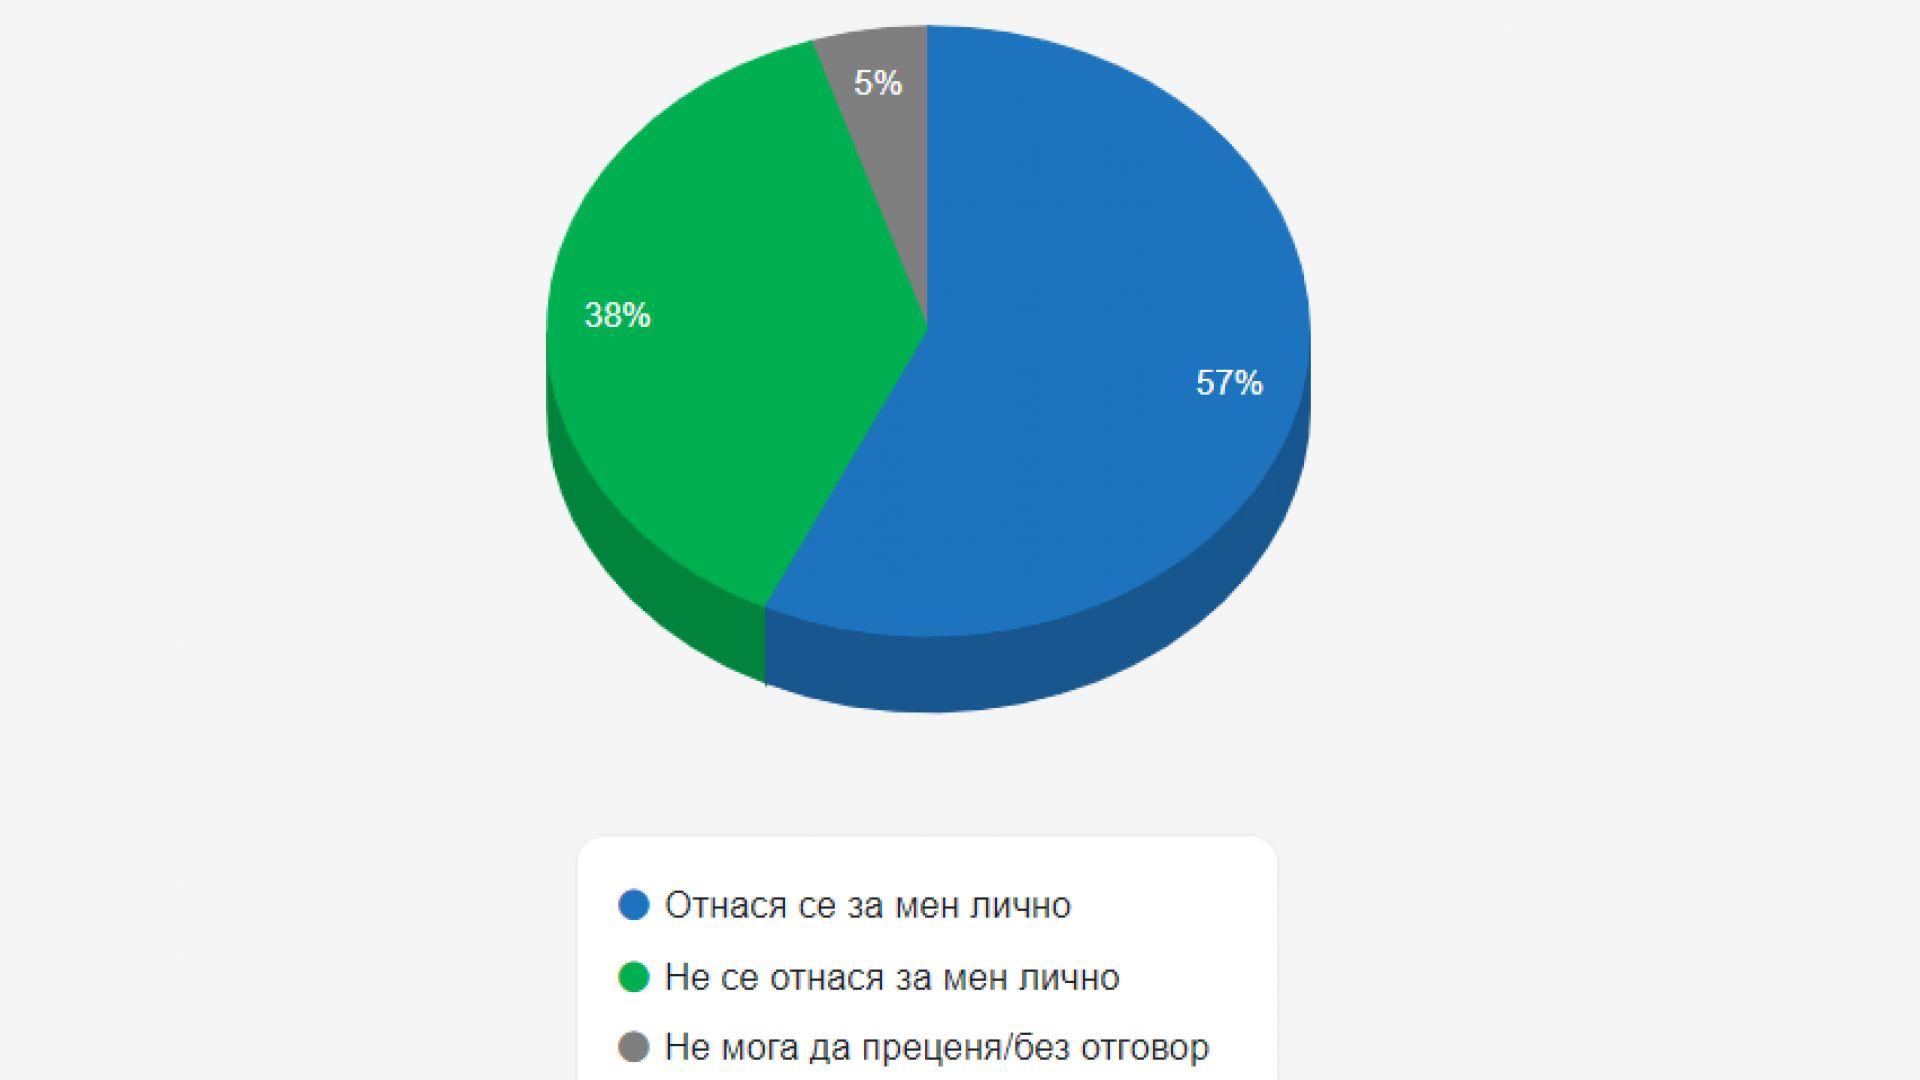 Българите в немалка степен са склонни да винят държавата си